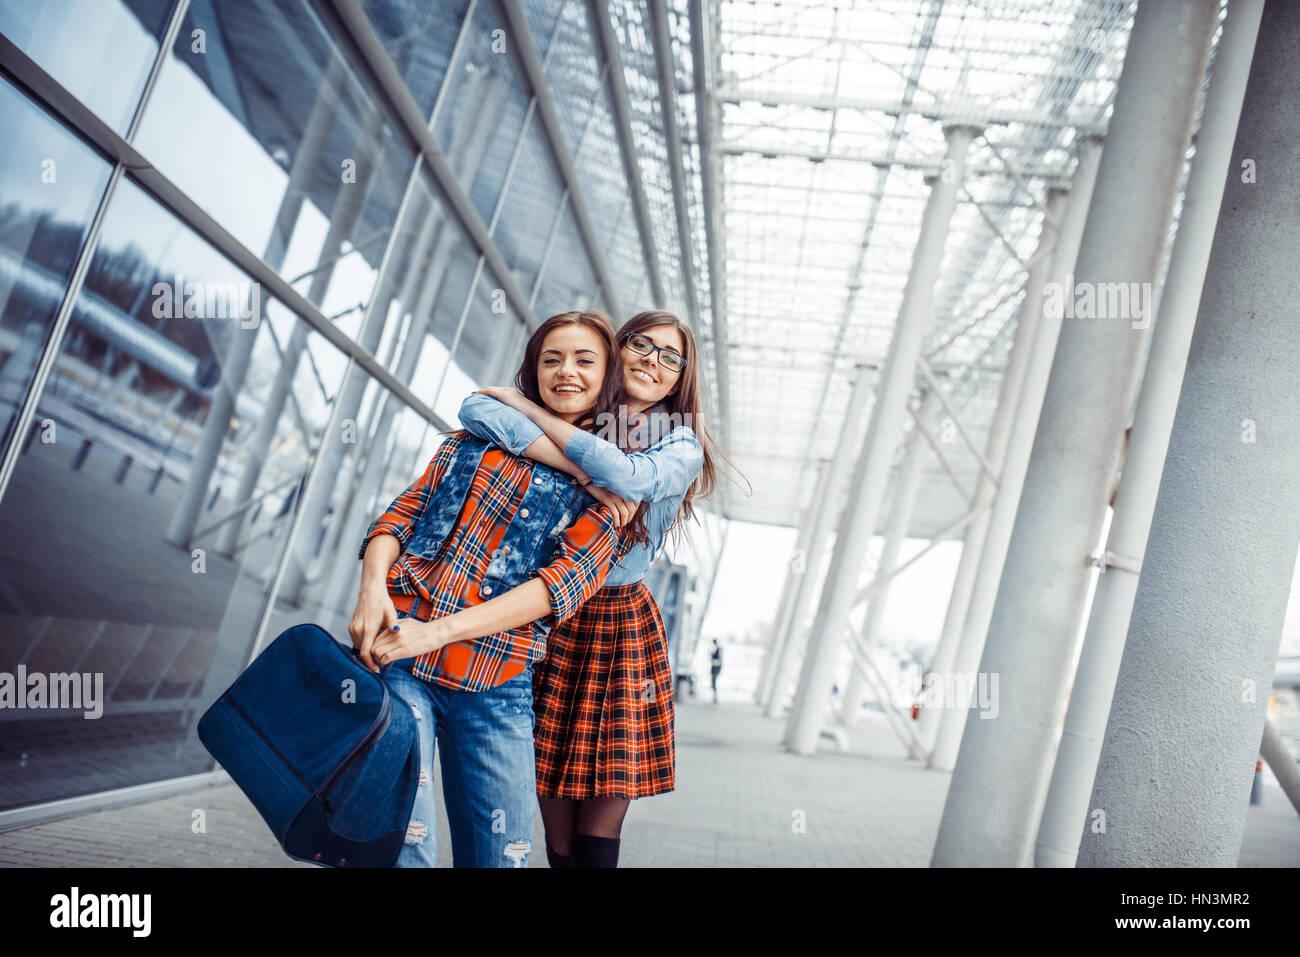 Les filles s'amusant et en toute sécurité avec une assurance lorsqu'ils se sont rencontrés Photo Stock